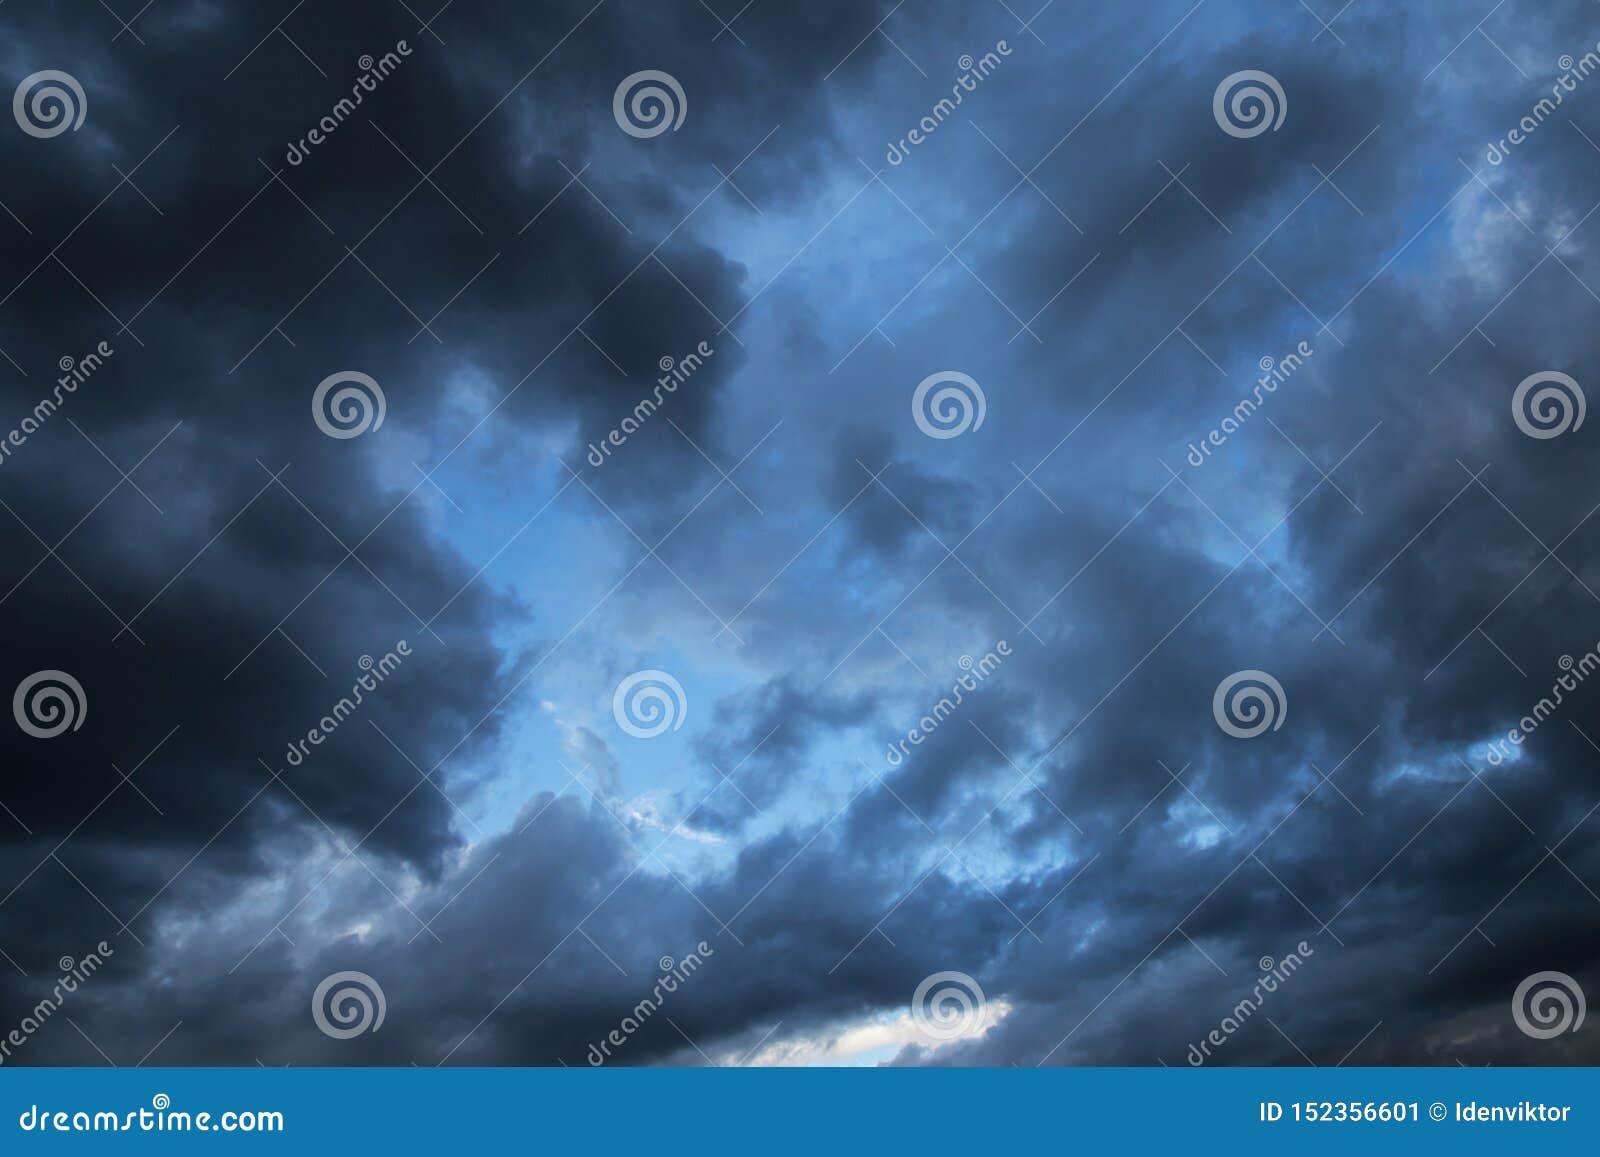 Epicki burza zmrok chmurnieje tło teksturę